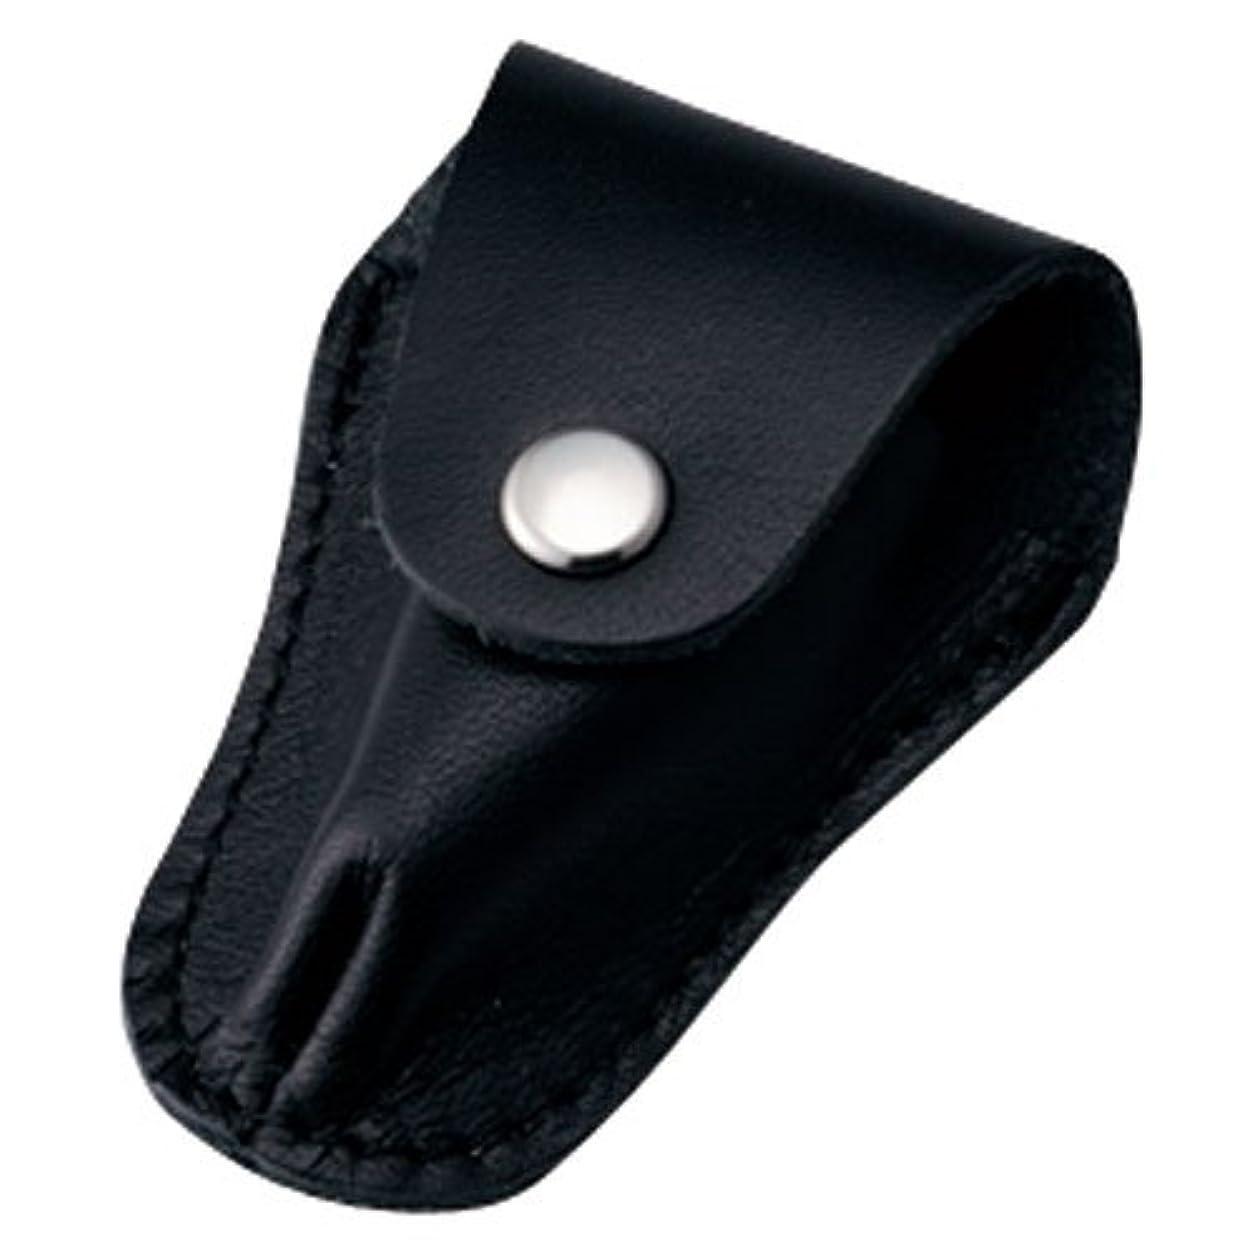 アナニバーボイラー伝統内海 ニッパーキャップL ブラック 本革製のキューティクルニッパー用刃先カバー